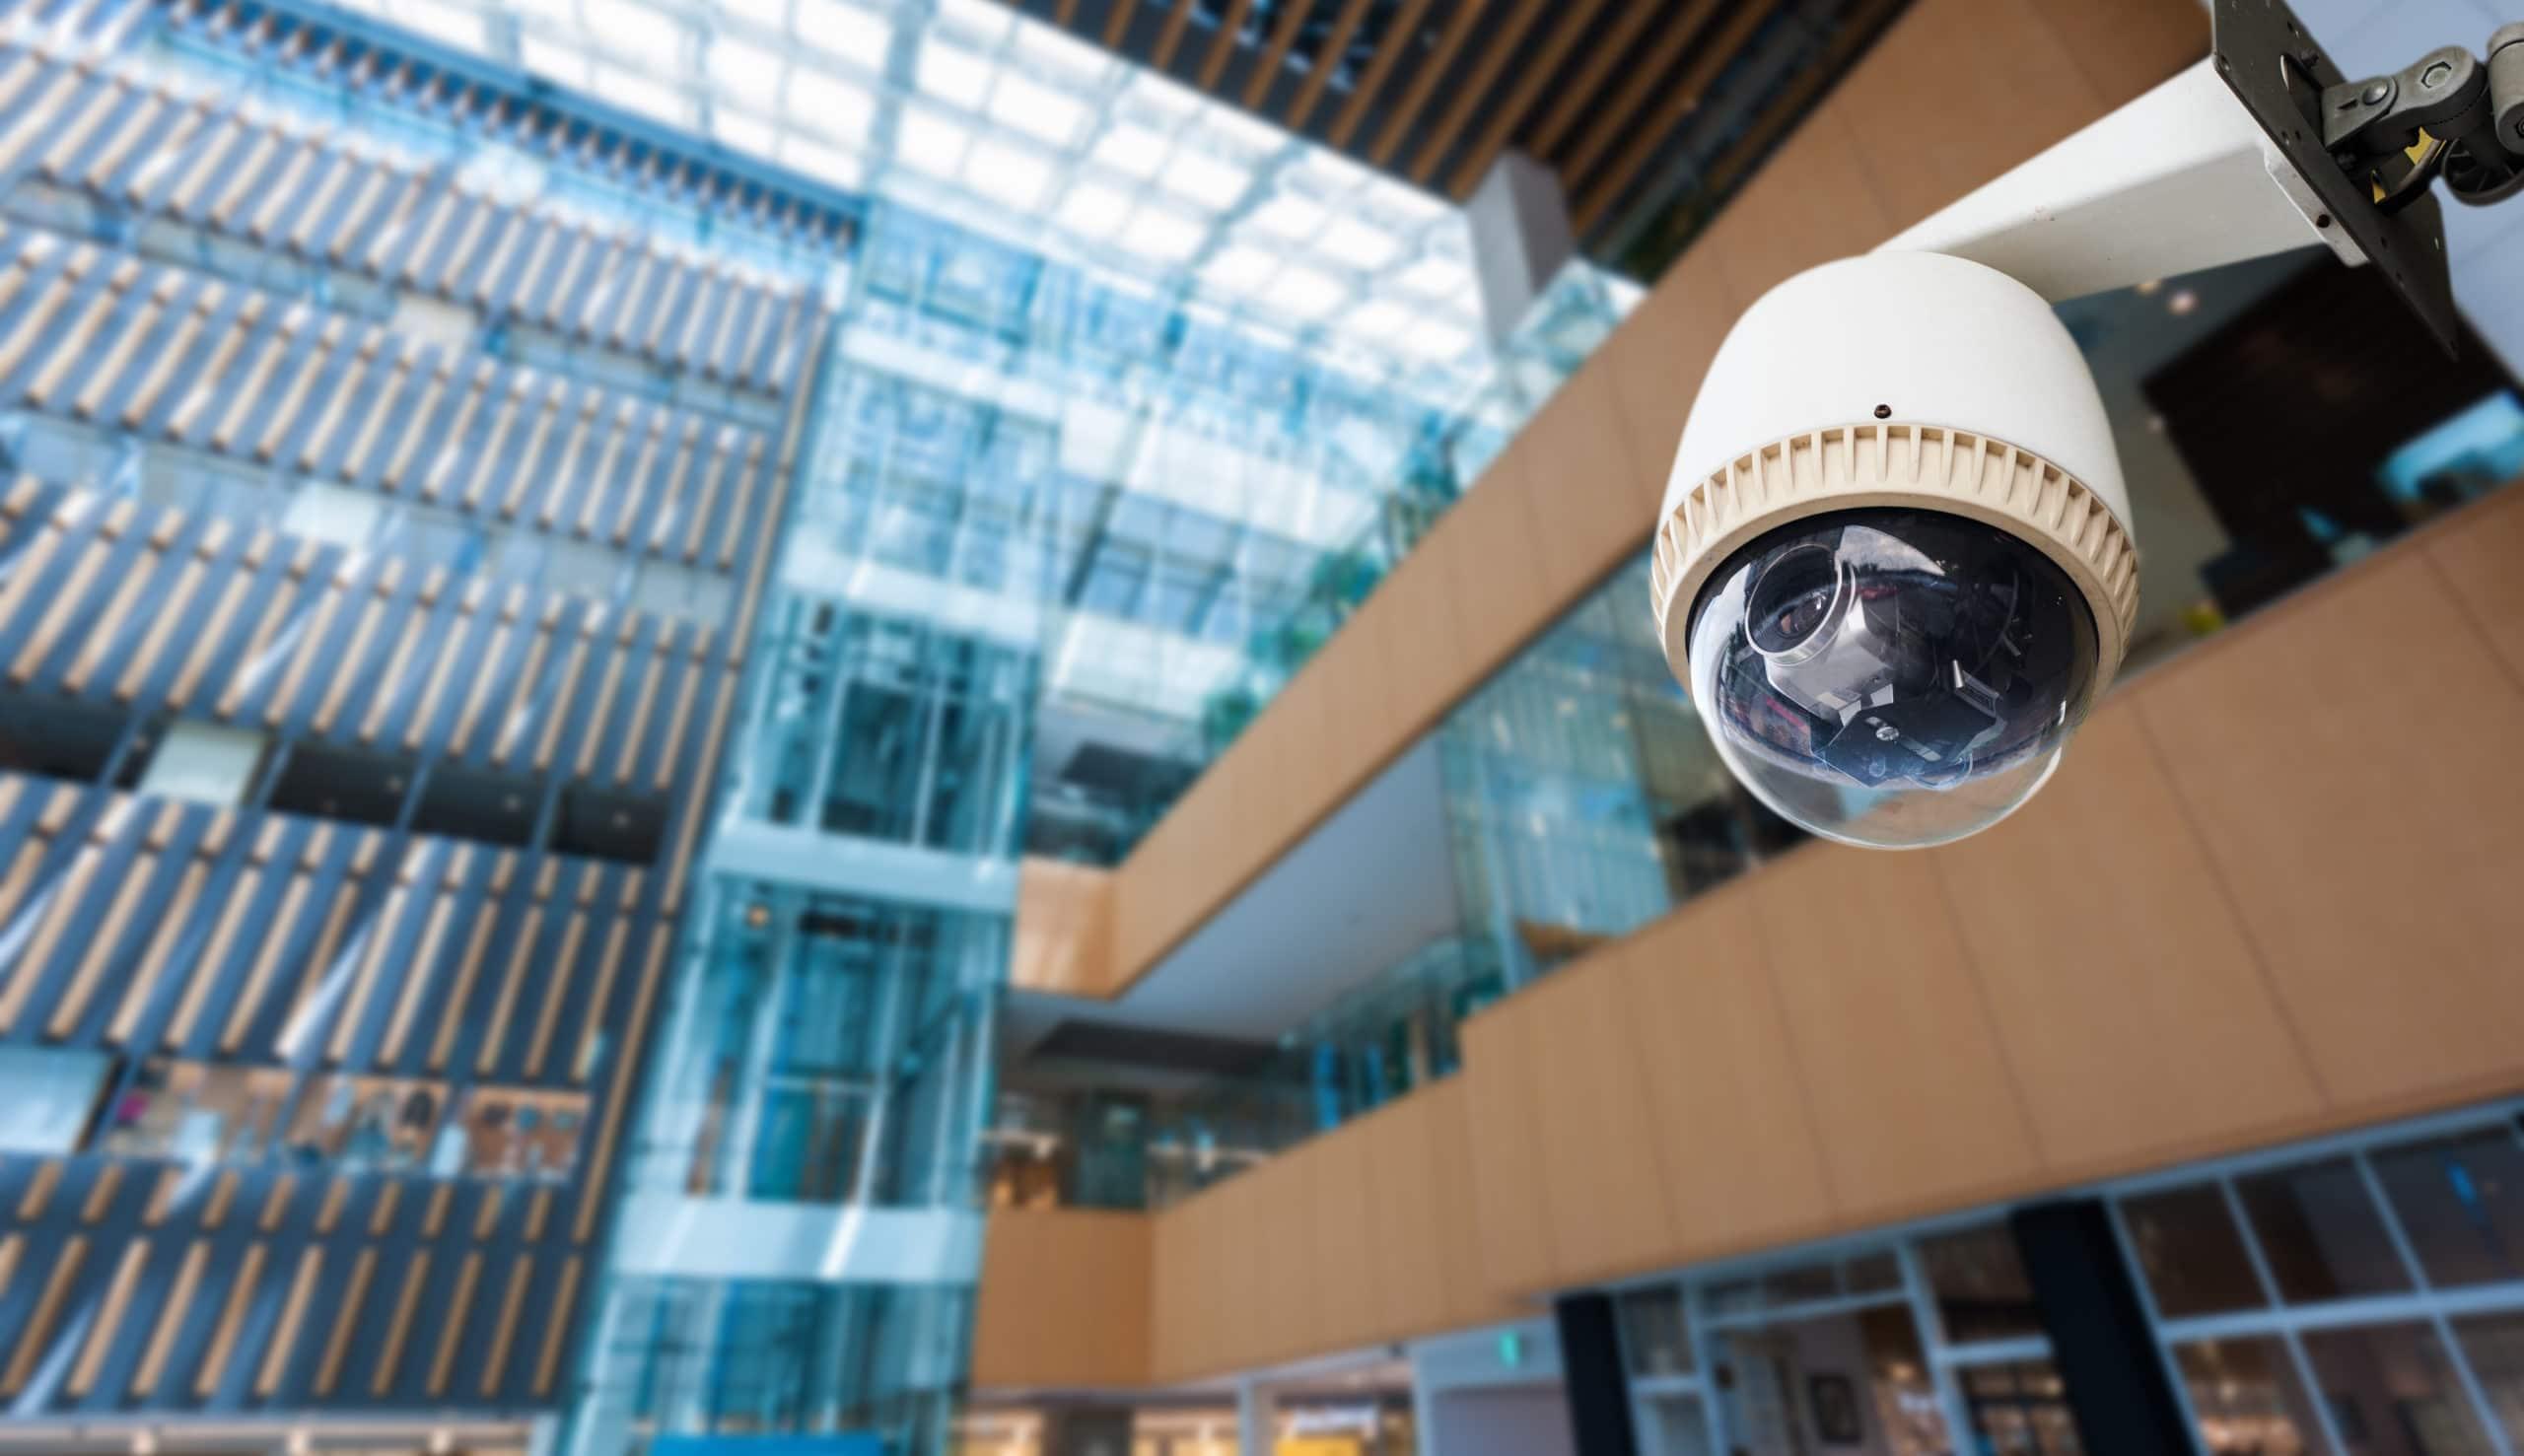 sistemas de segurança comercial, sistemas de segurança comercial preço, alarme para estabelecimento comercial, alarme para empresa, sistema de seguranca, empresas de monitoramento em sp, alarme monitorado preço